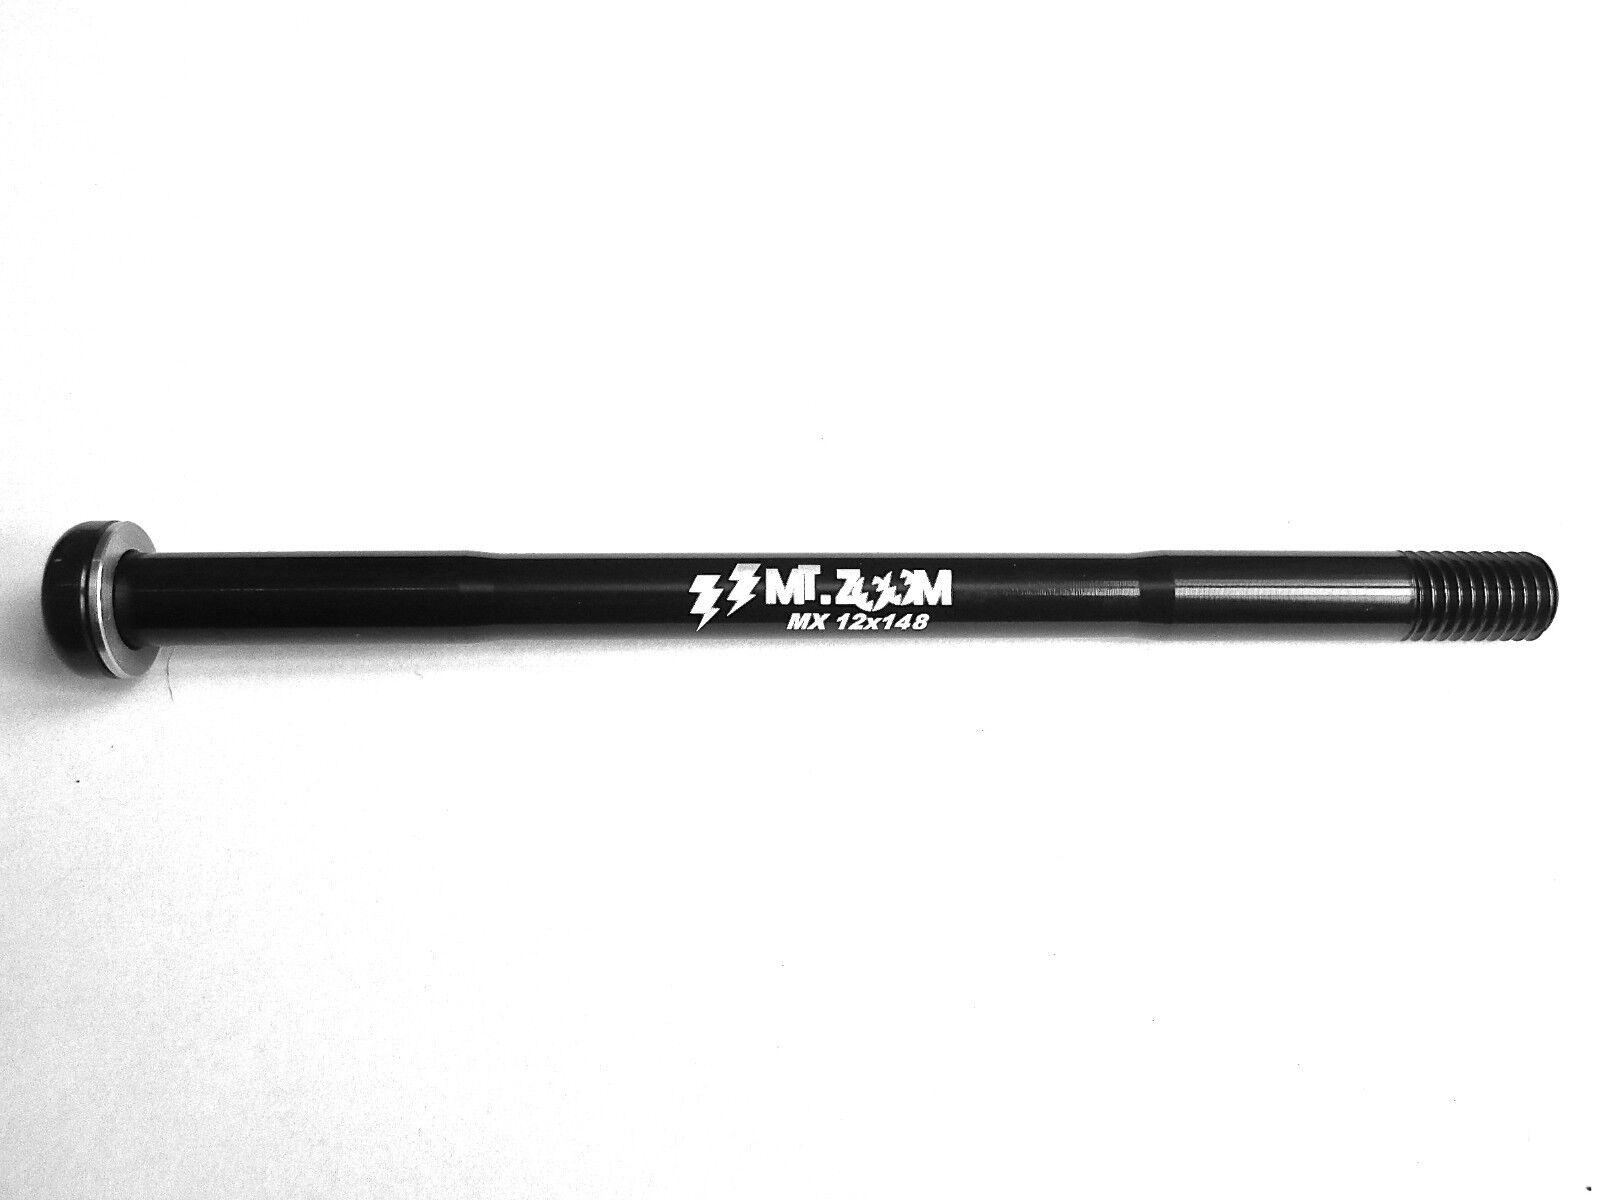 MT Zoom Ultralight Maxle AUMENTO POSTERIORE ATTRAVERSO L'ASSE - 12mm x 148mm